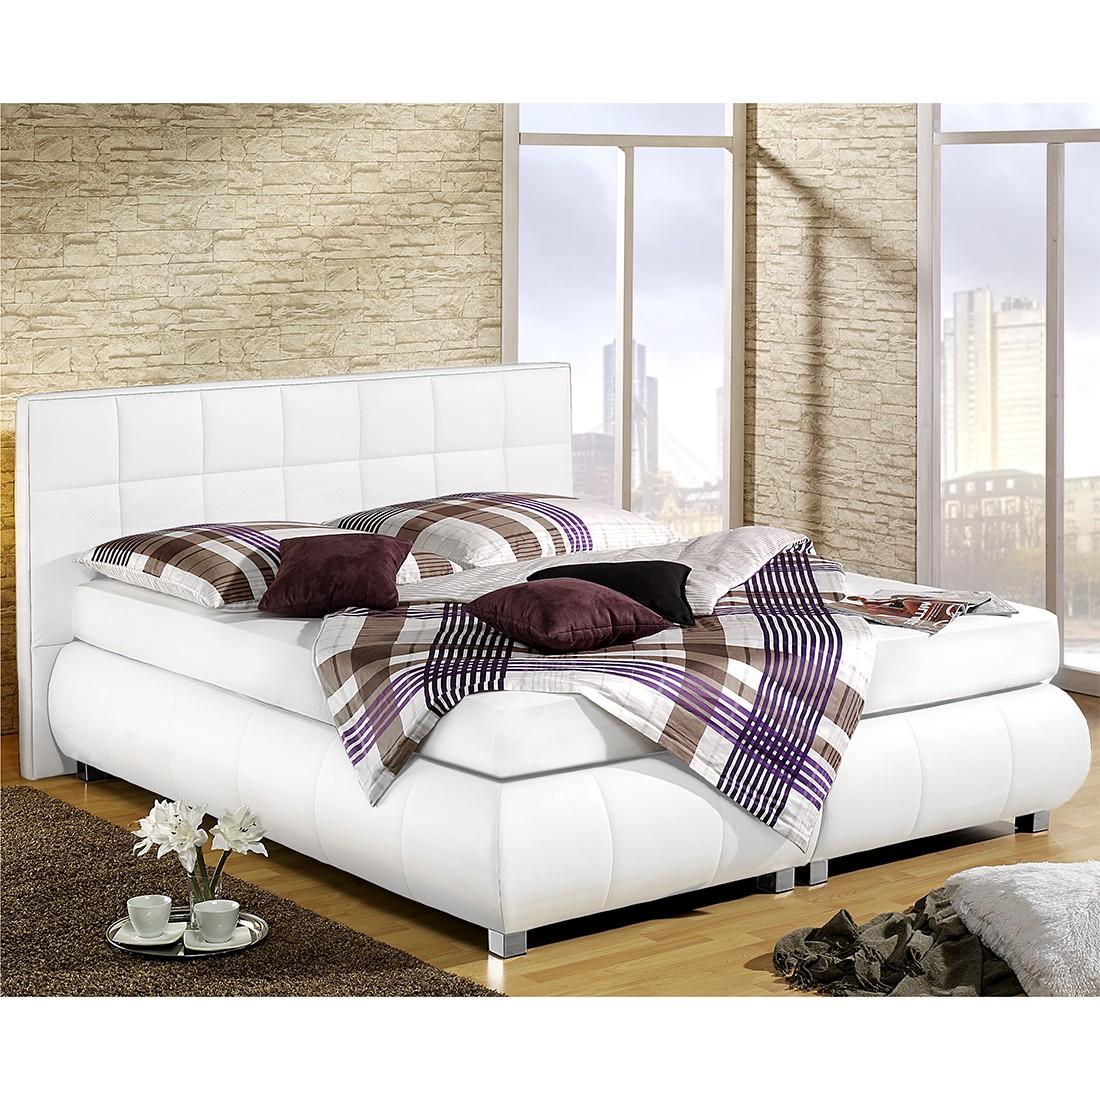 boxspringbett elay kunstleder 180 x 200cm h2 bis 80. Black Bedroom Furniture Sets. Home Design Ideas